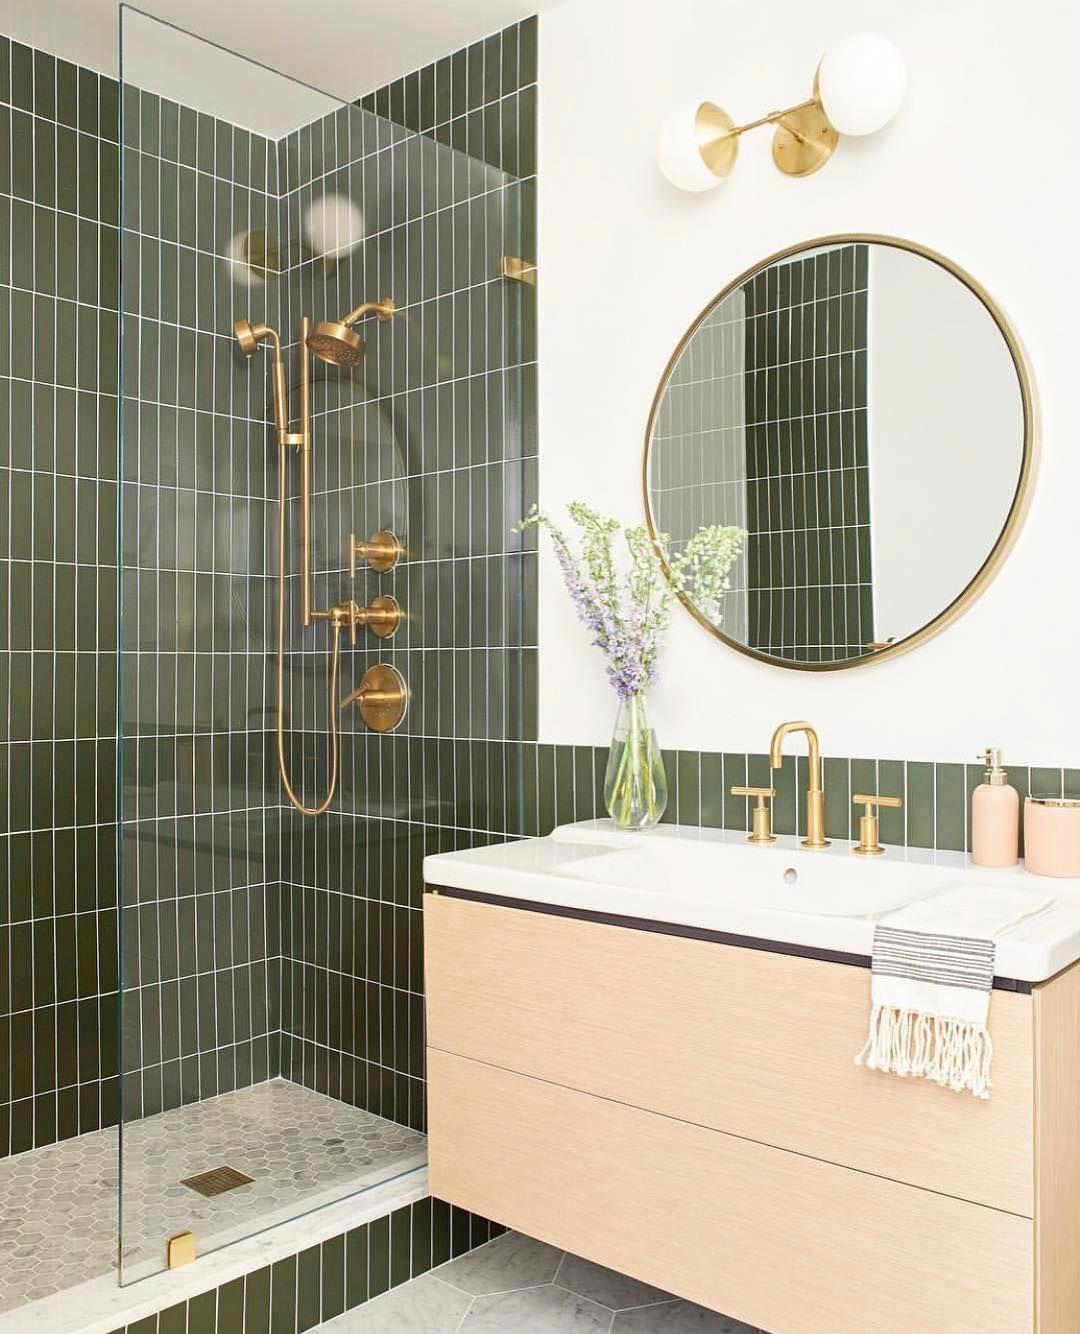 22 Shower Curtains Your Kid Will Love In 2020 Badezimmer Renovierungen Badezimmer Einrichtung Badezimmer Diy